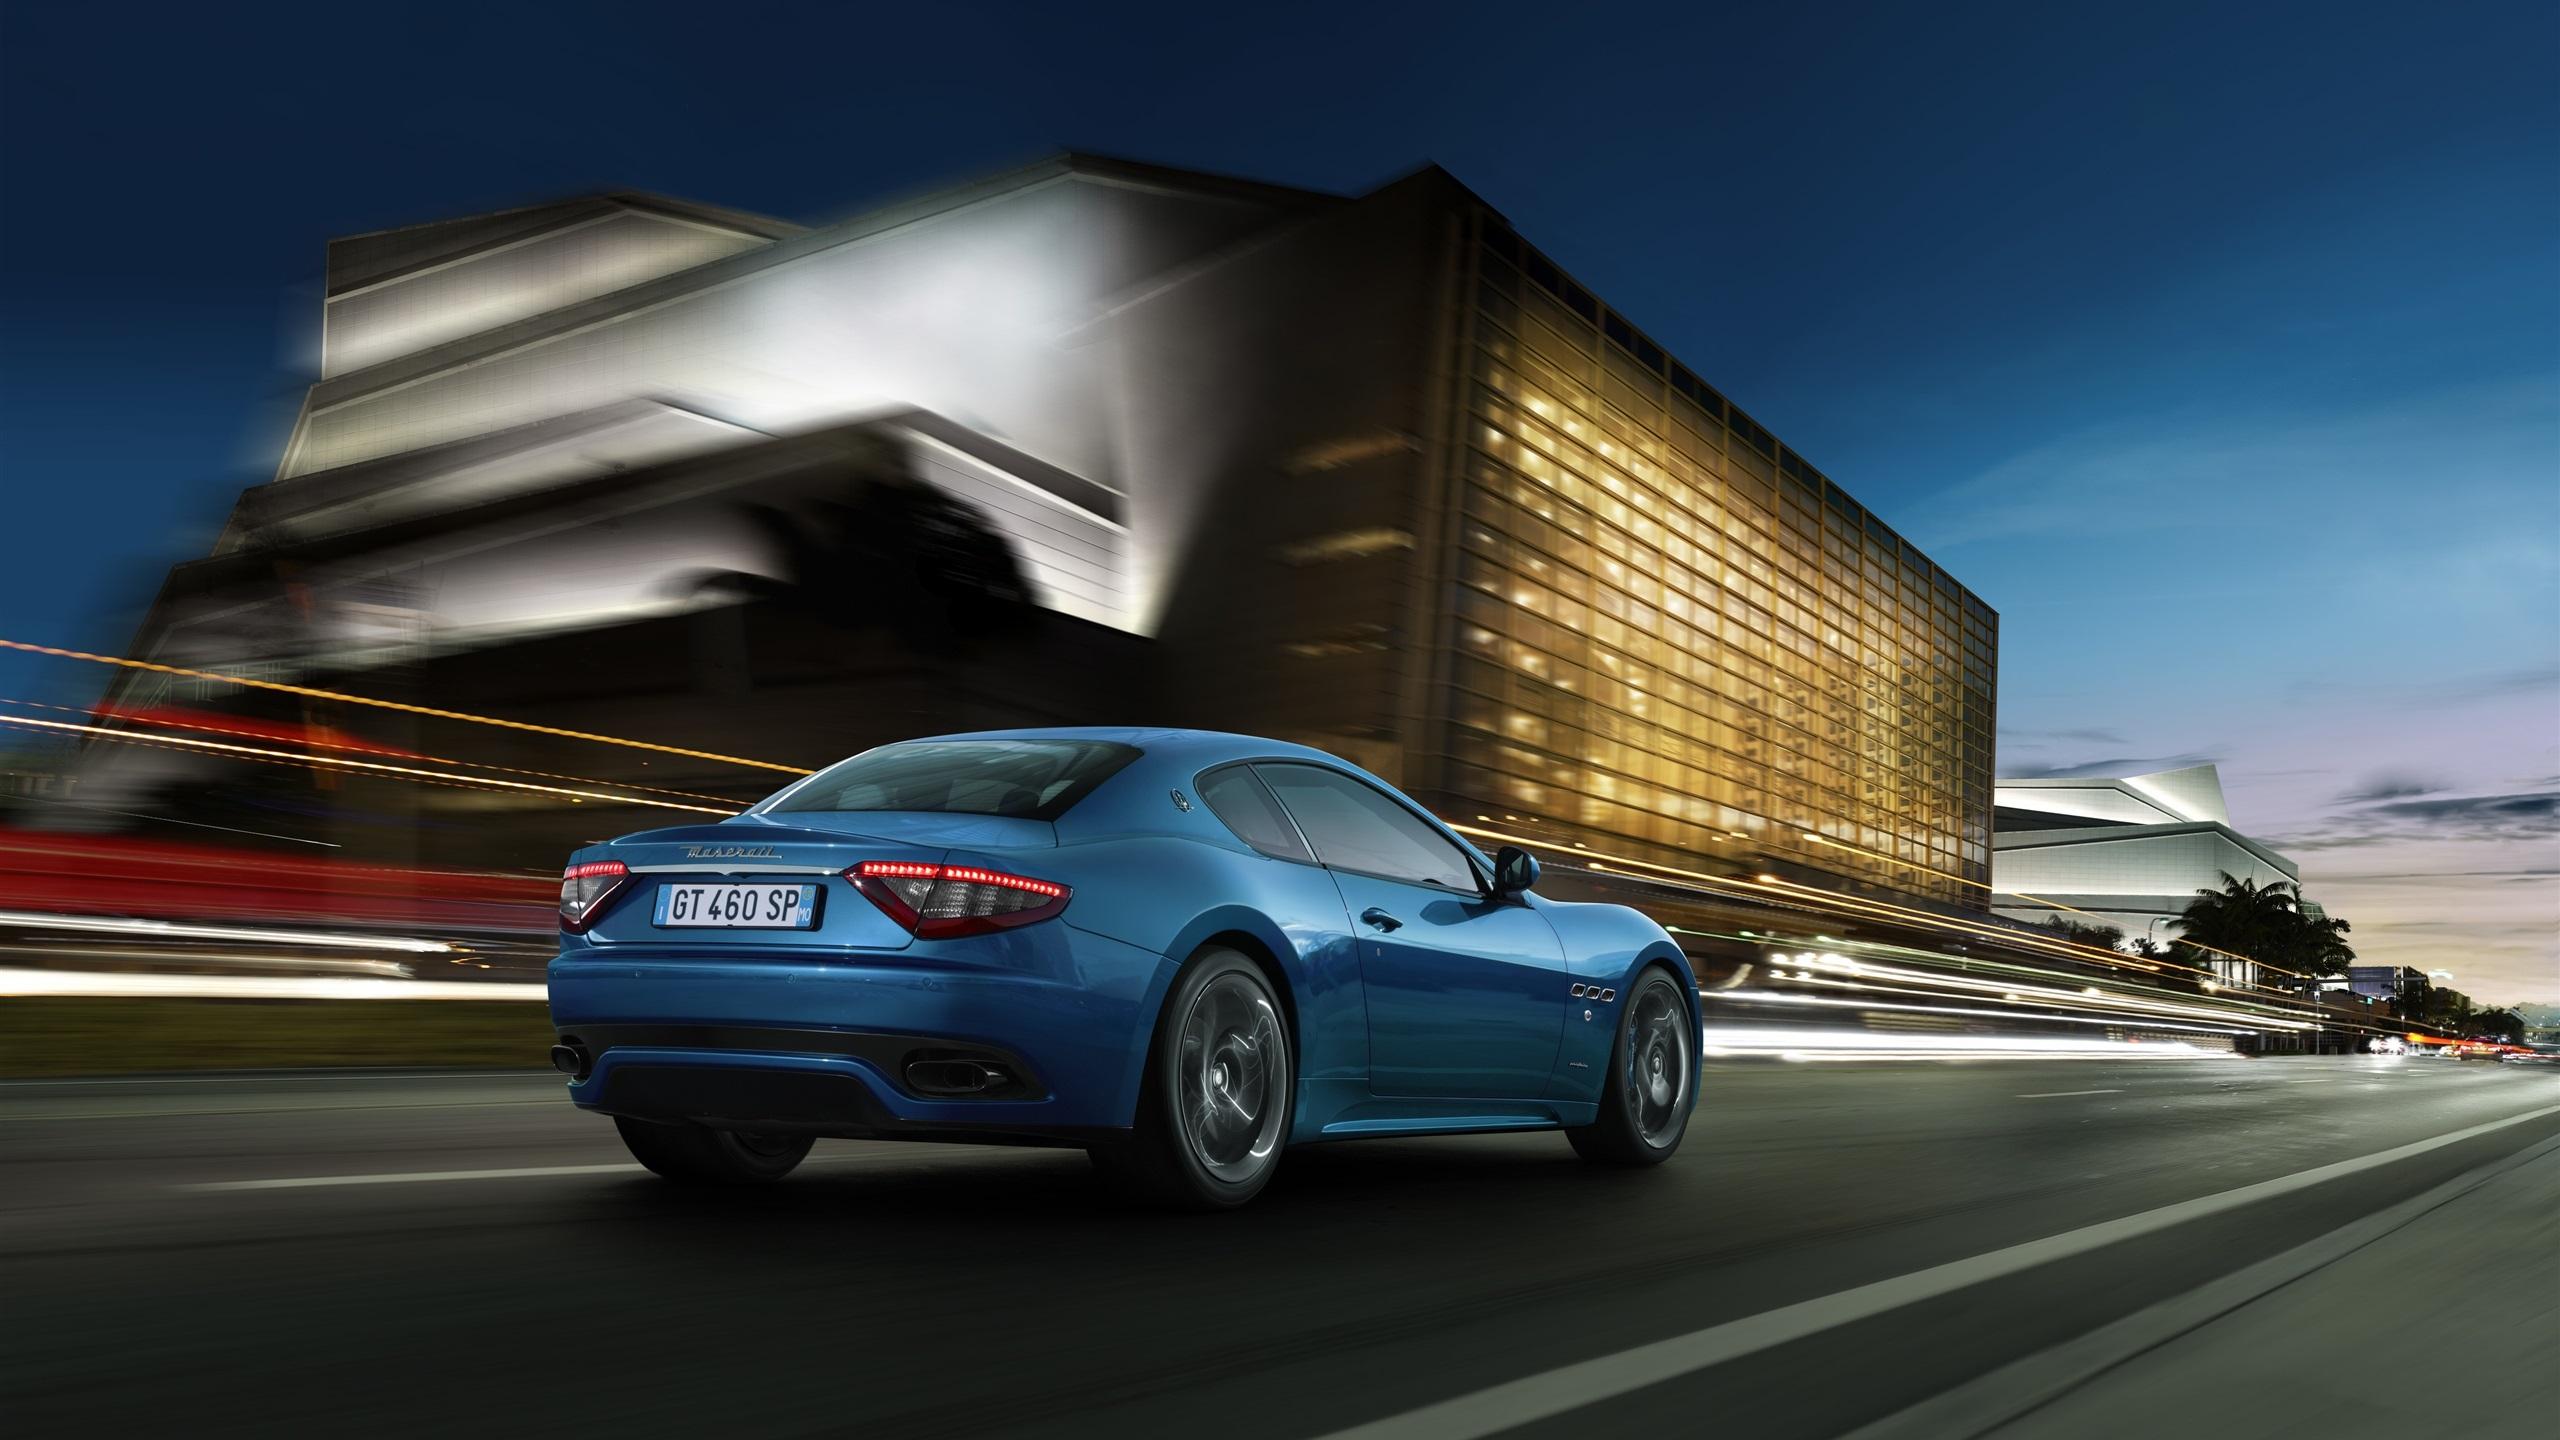 壁紙 マセラティ グラントゥーリズモ青いスポーツカーのスピード